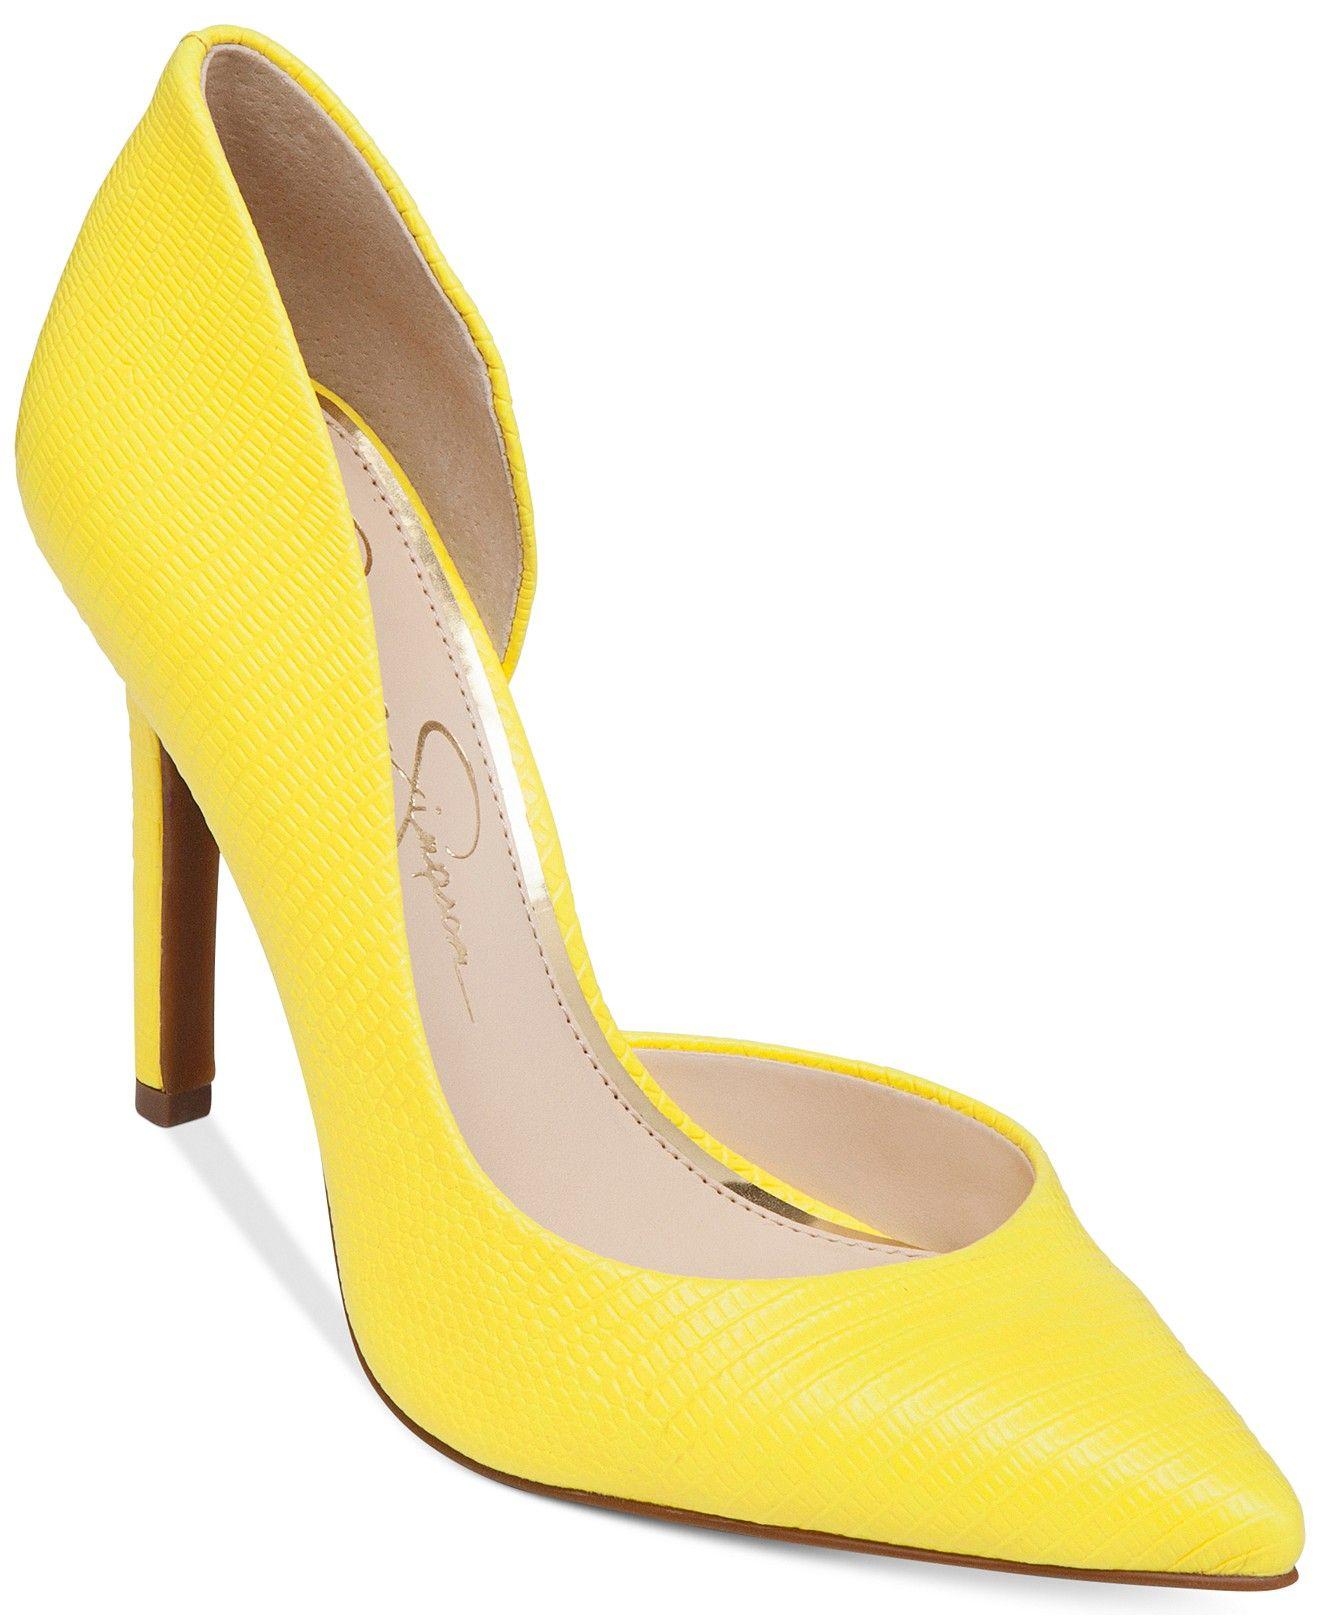 dbadd16d5ba Jessica Simpson Claudette d Orsay Pumps - Pumps - Shoes - Macy s ...